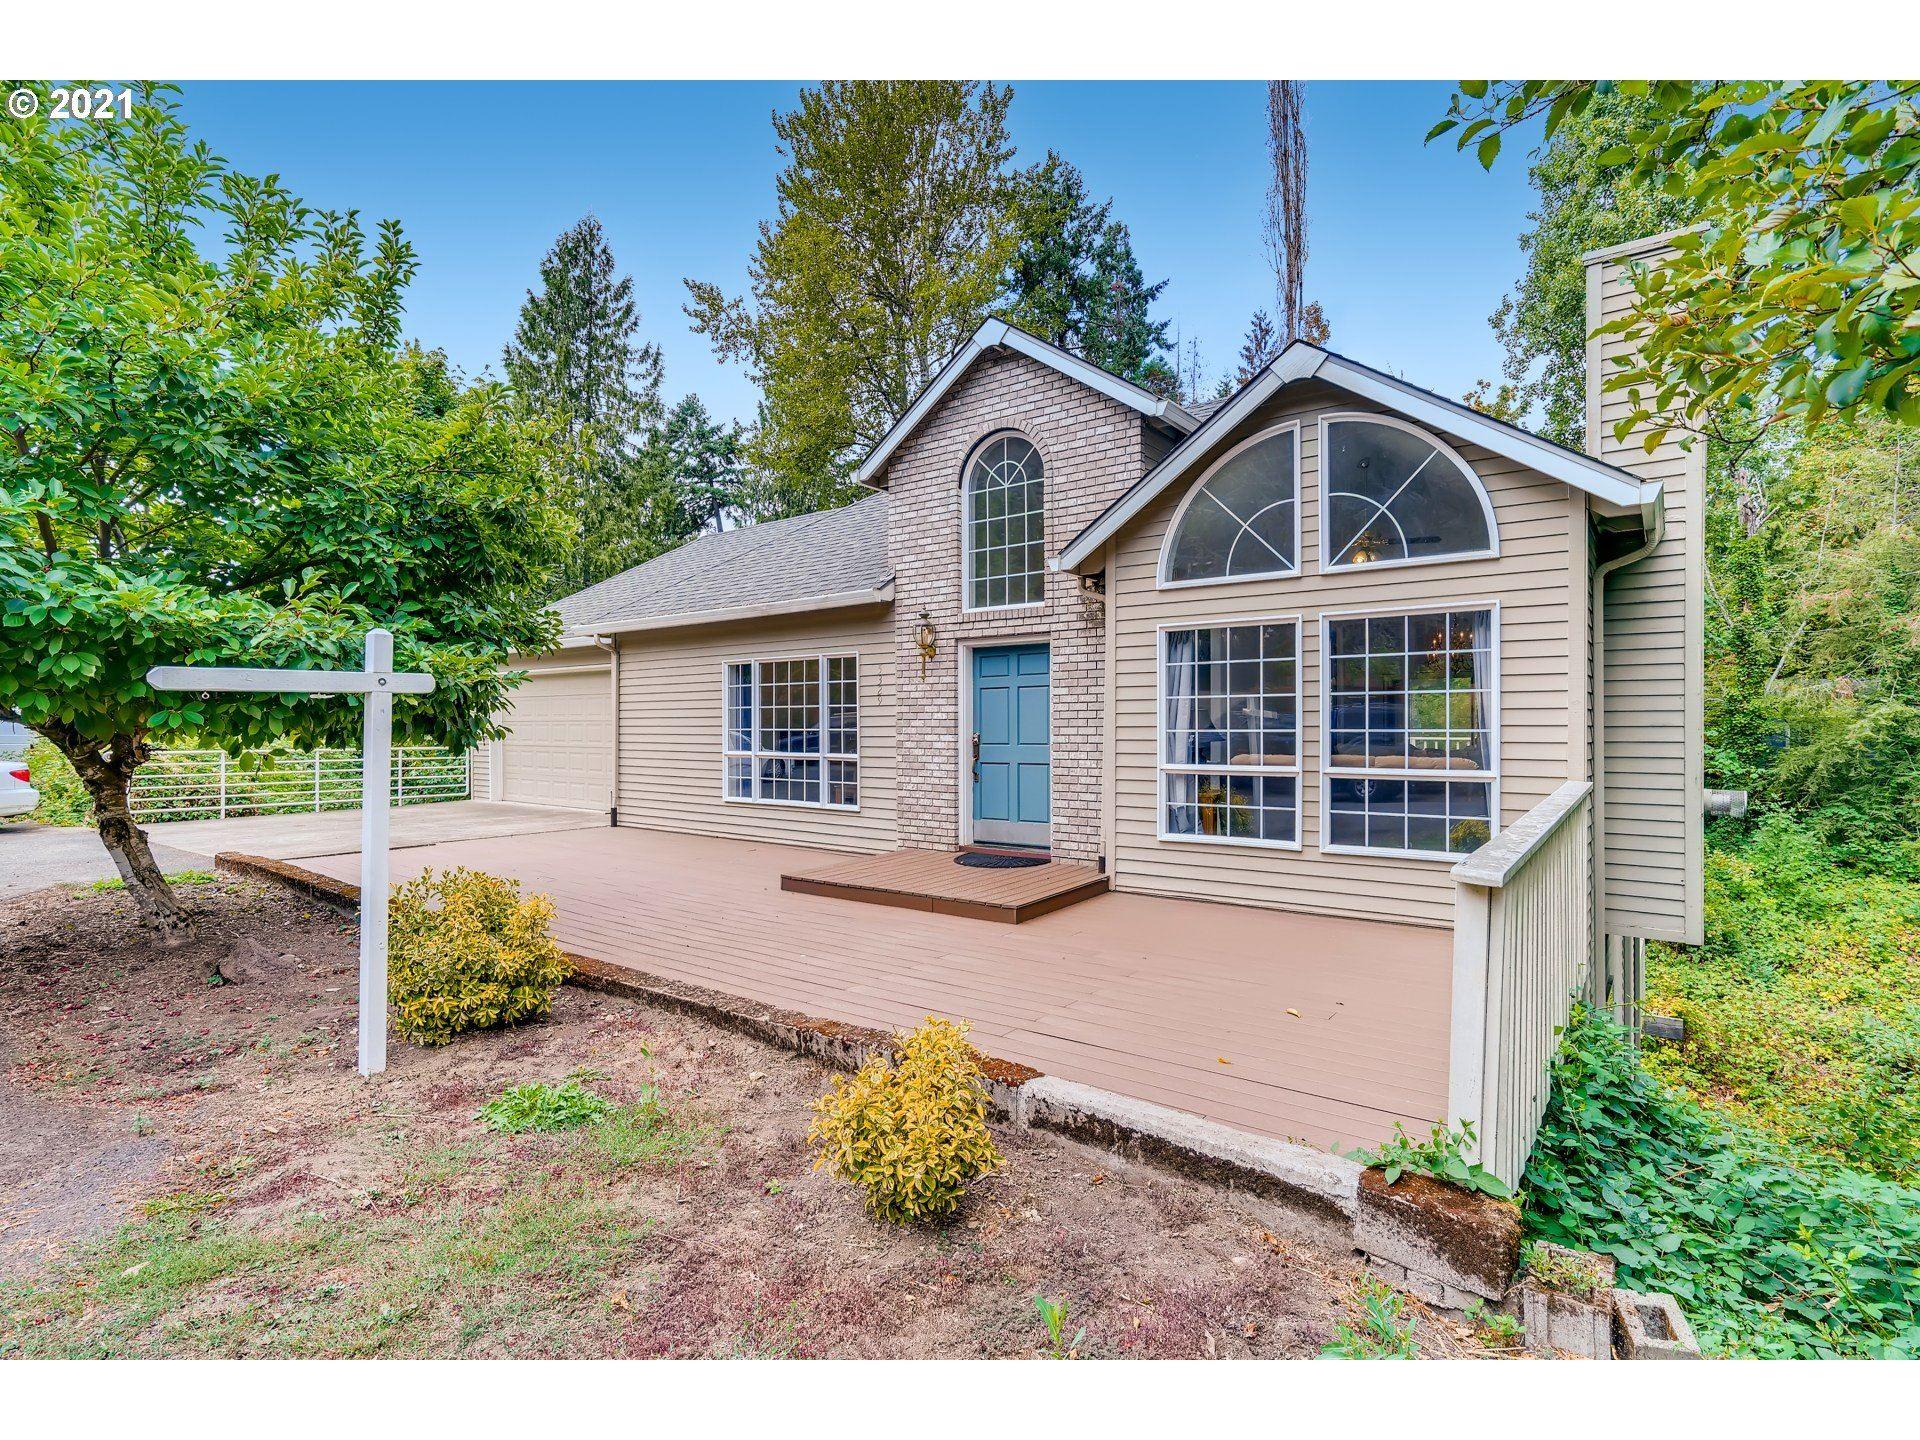 5329 SW BAIRD ST, Portland, OR 97219 - MLS#: 21585823